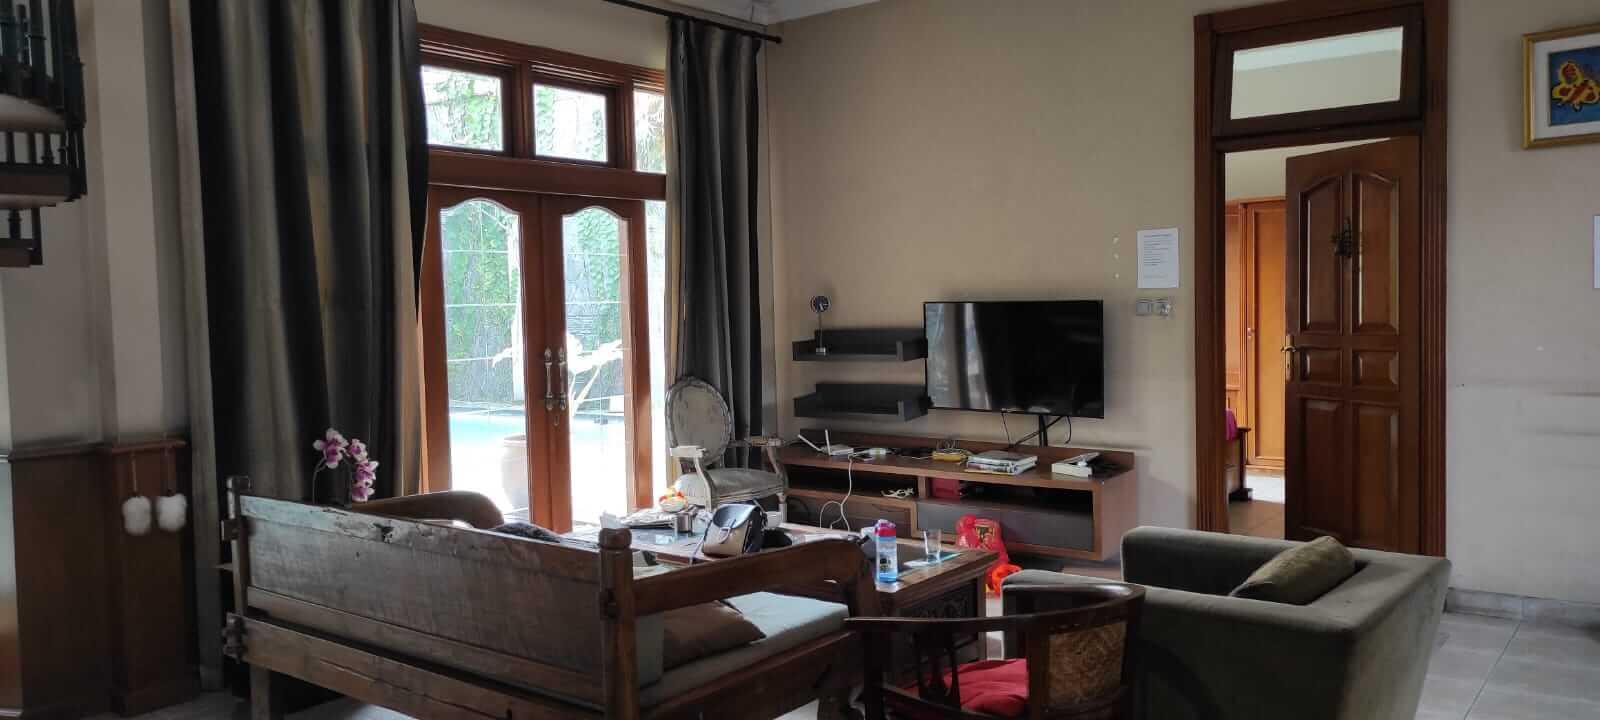 ruang keluarga villa andaru gerlong bandung